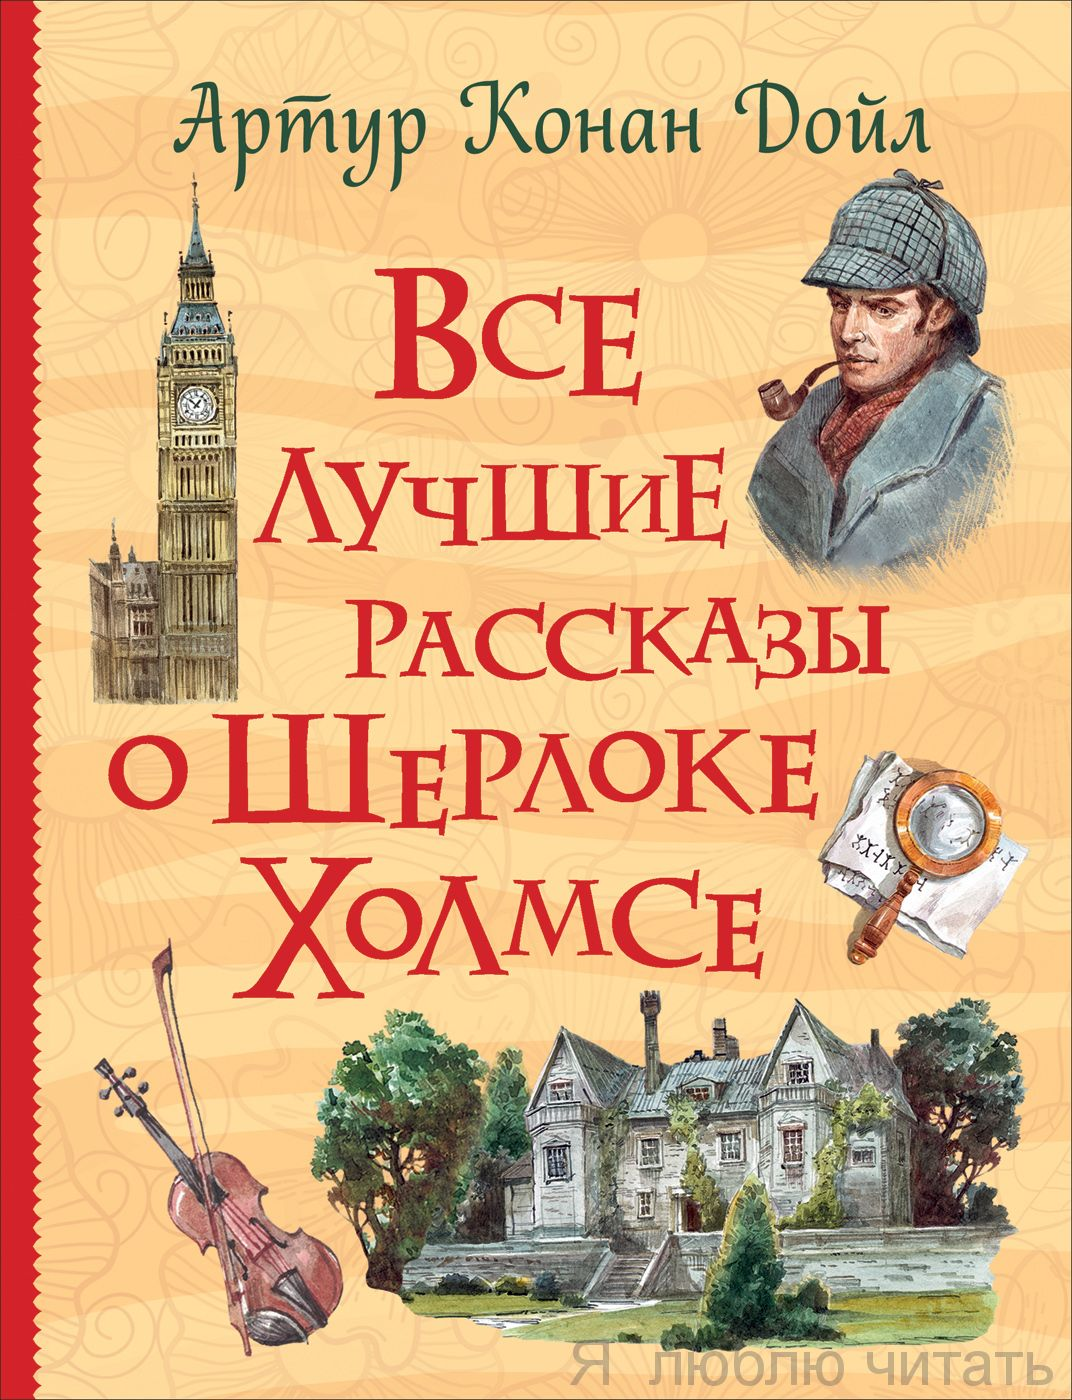 Все лучшие рассказы о Шерлоке Холмсе (Все истории)